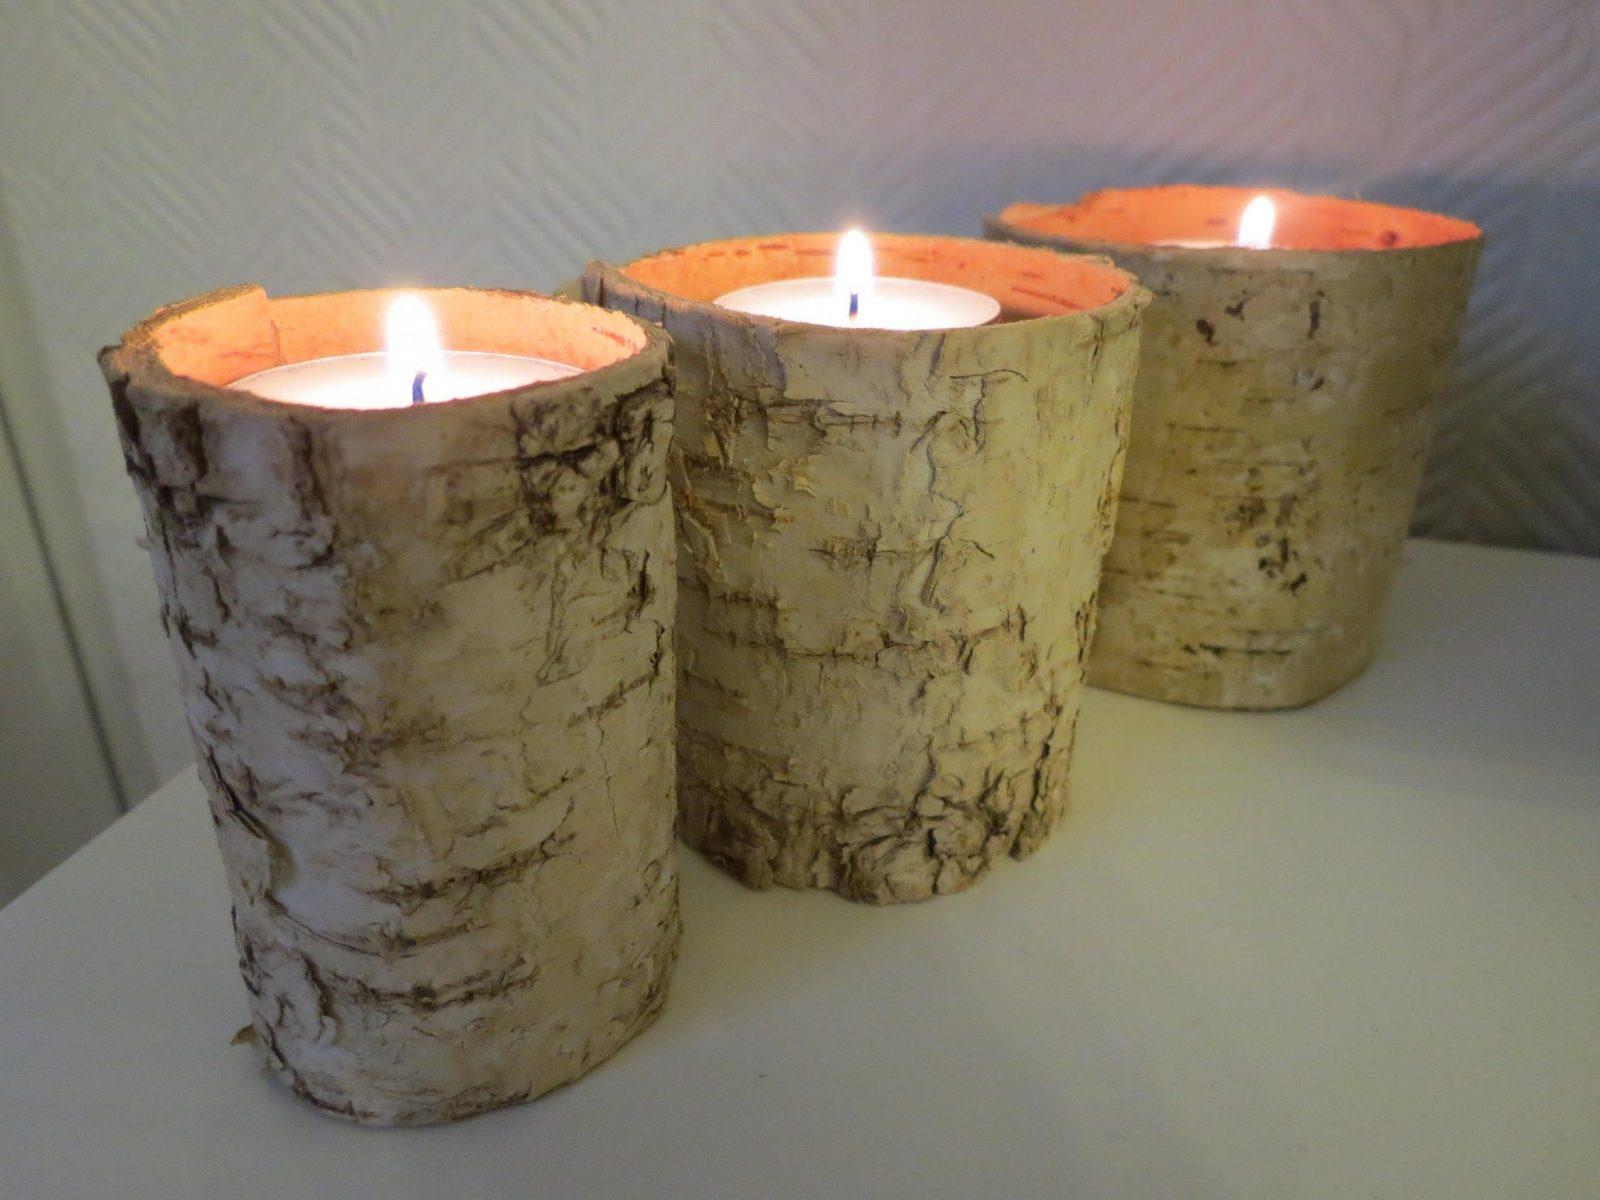 Kerzenhalter Selber Machen * Einfach Schnell & Günstig  Youtube von Kerzenständer Selber Machen Holz Bild